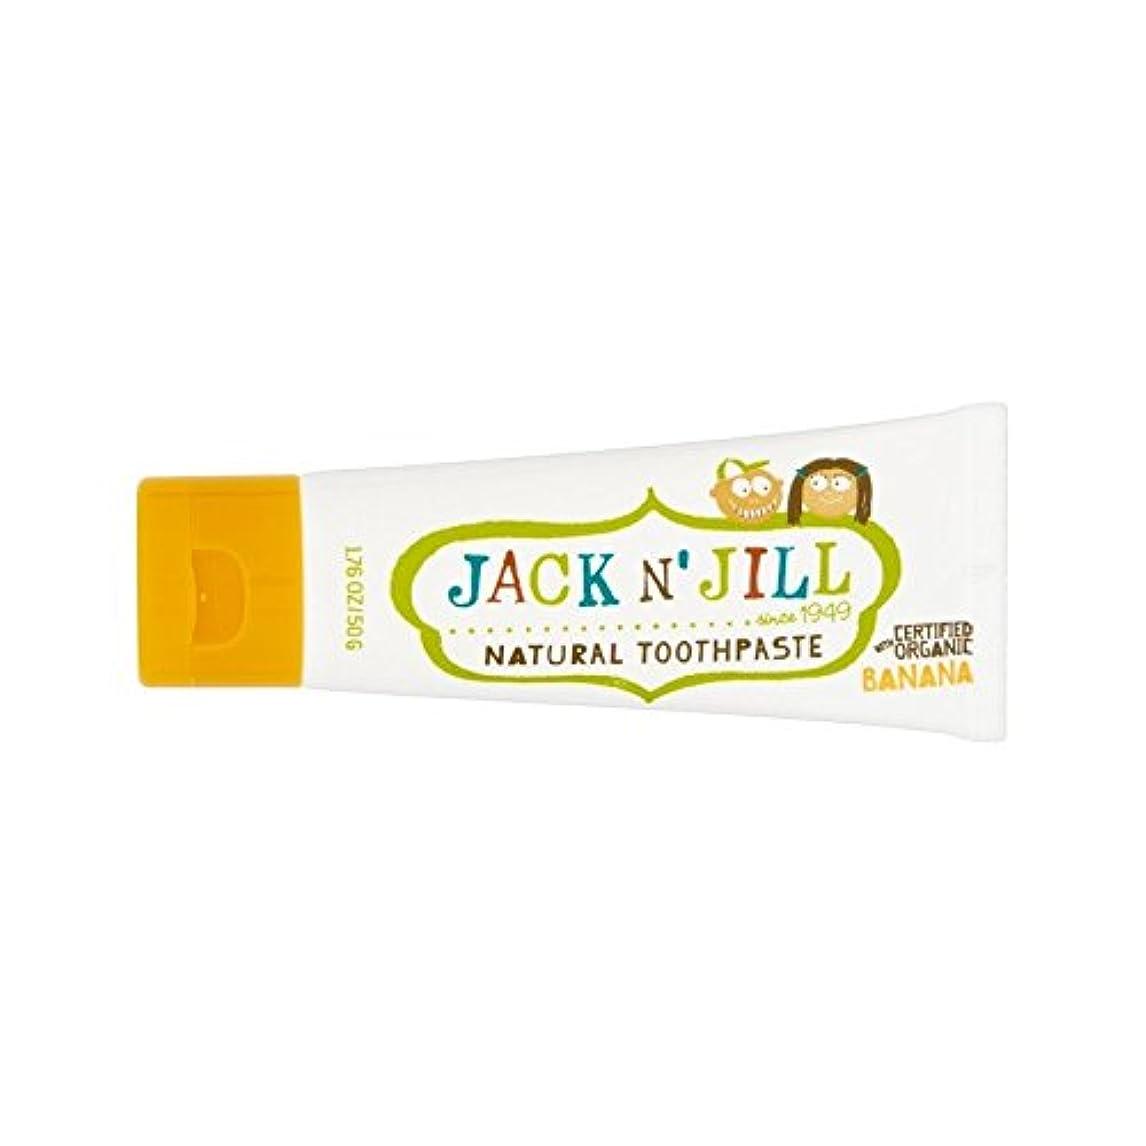 ご覧くださいアグネスグレイ発火する有機香味50グラムと自然バナナ歯磨き粉 (Jack N Jill) - Jack N' Jill Banana Toothpaste Natural with Organic Flavouring 50g [並行輸入品]